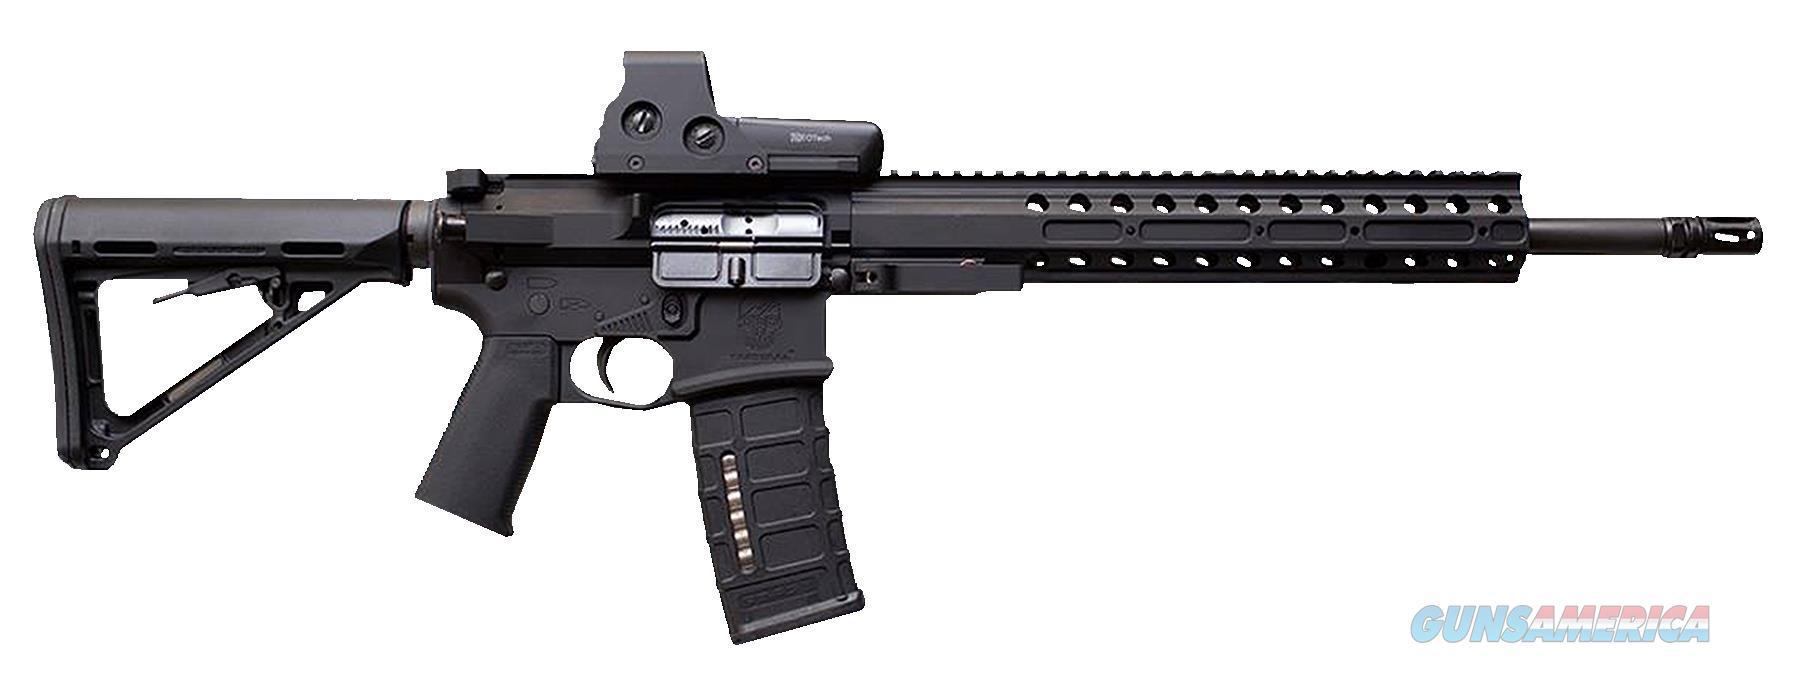 """Drd Tact Cdr15-Blk Cdr-15 Qbd Sa 223 Rem/5.56 Nato 16"""" 30+1 Blk Magpul Stk Blk CDR15BLK  Guns > Rifles > D Misc Rifles"""